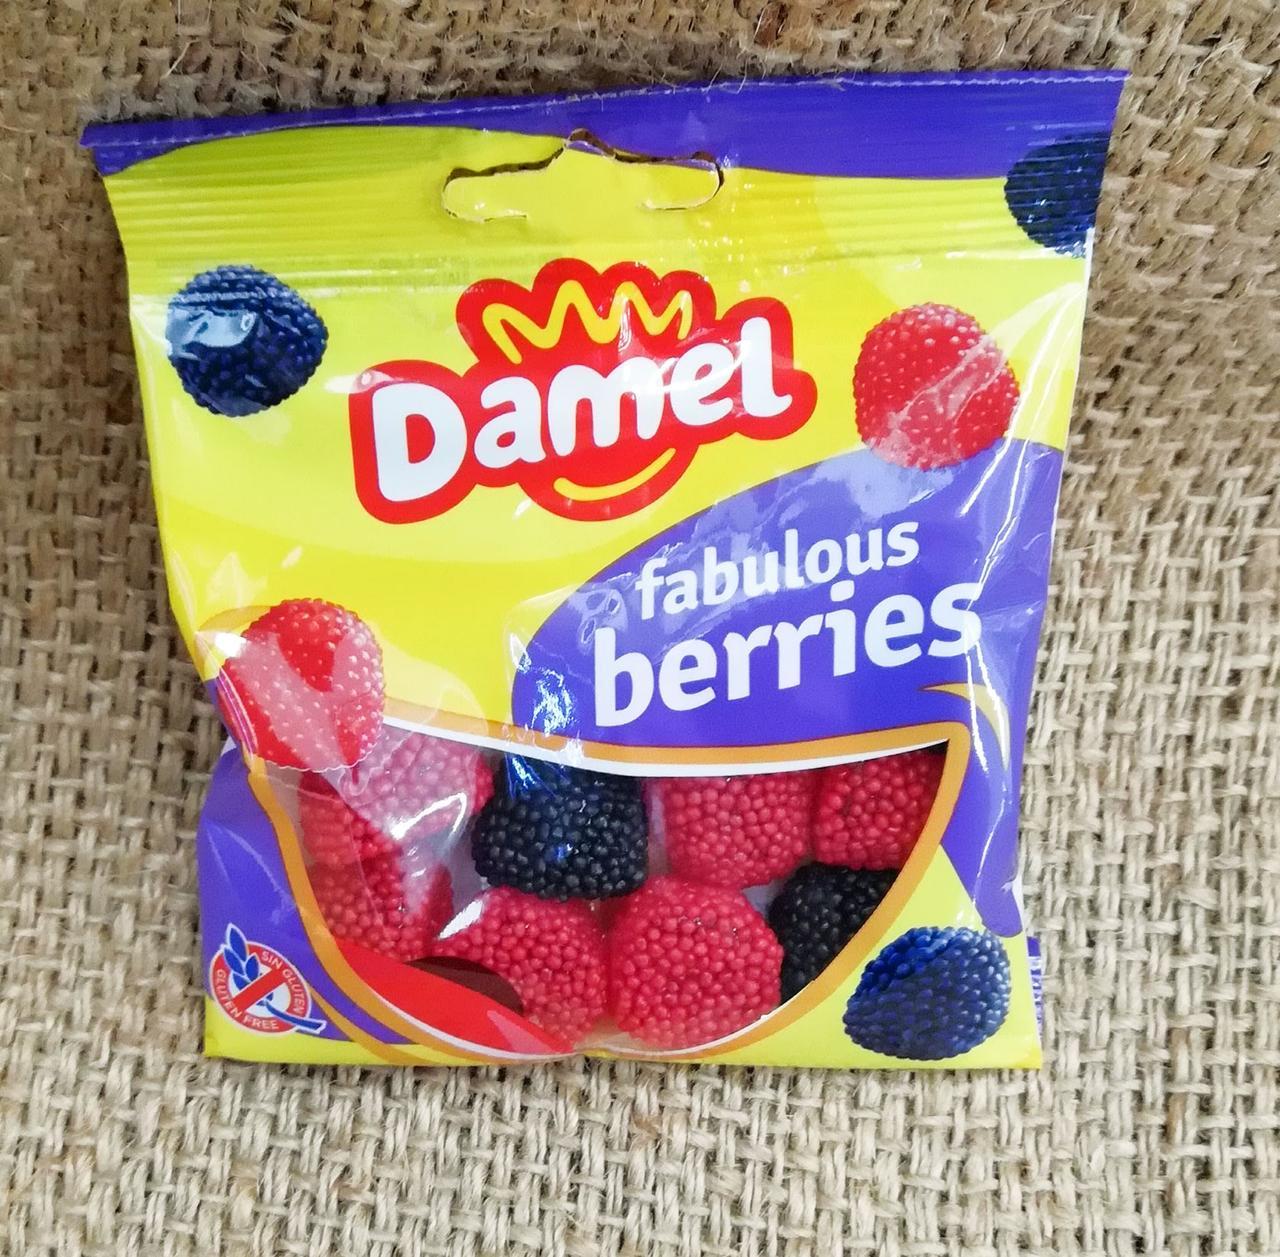 Damel fabulous berries 100 gramm